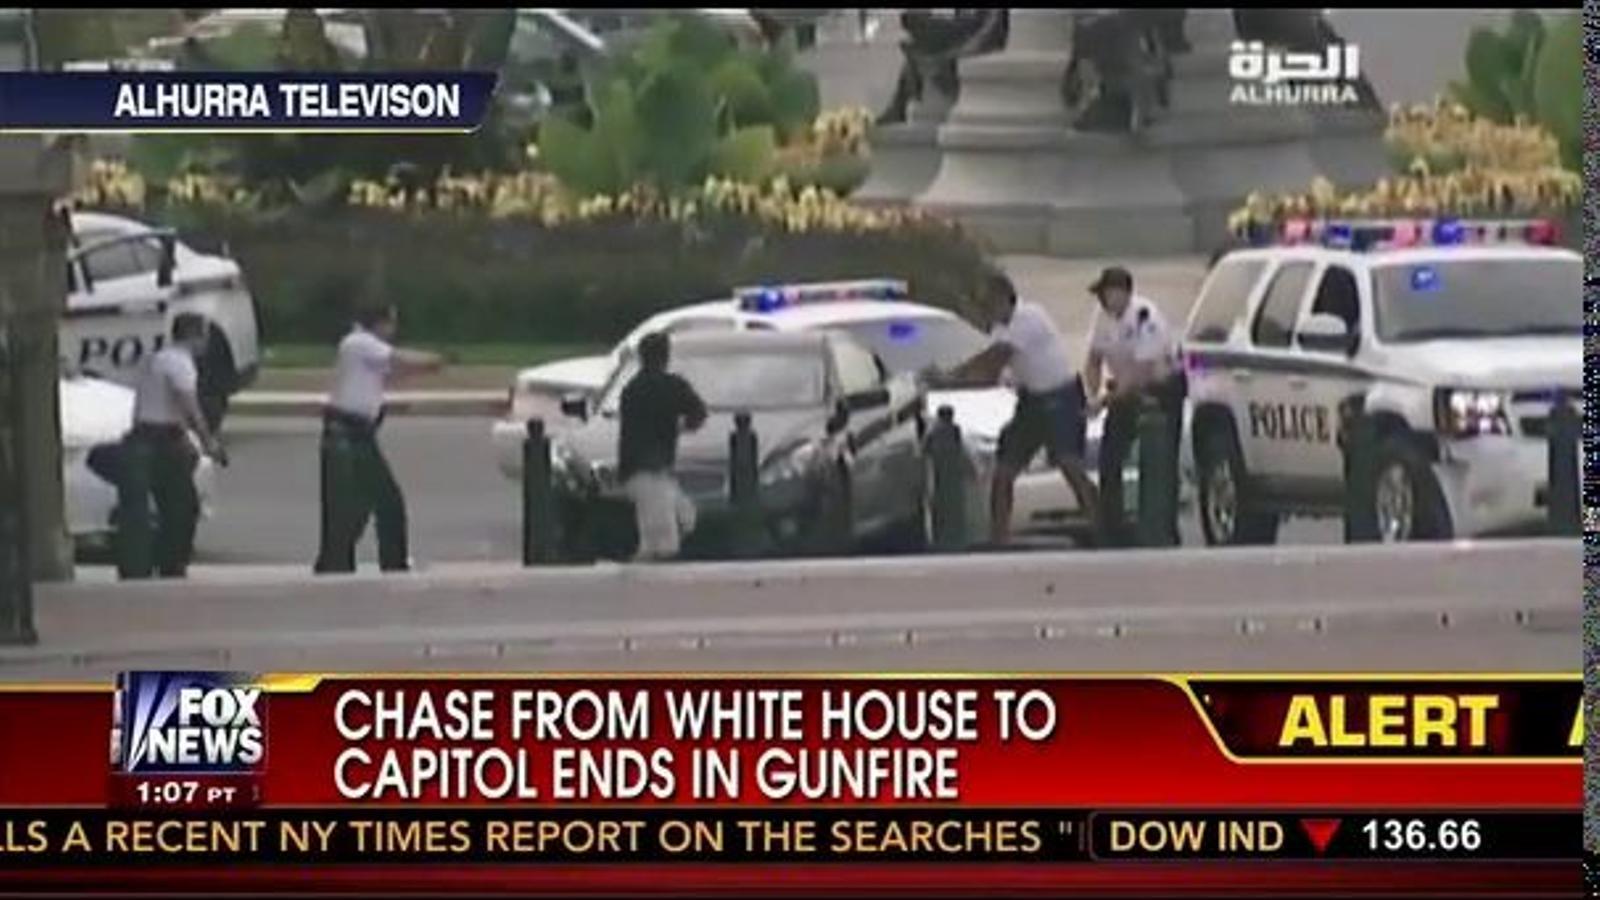 Persecució policial a les afores del Capitoli